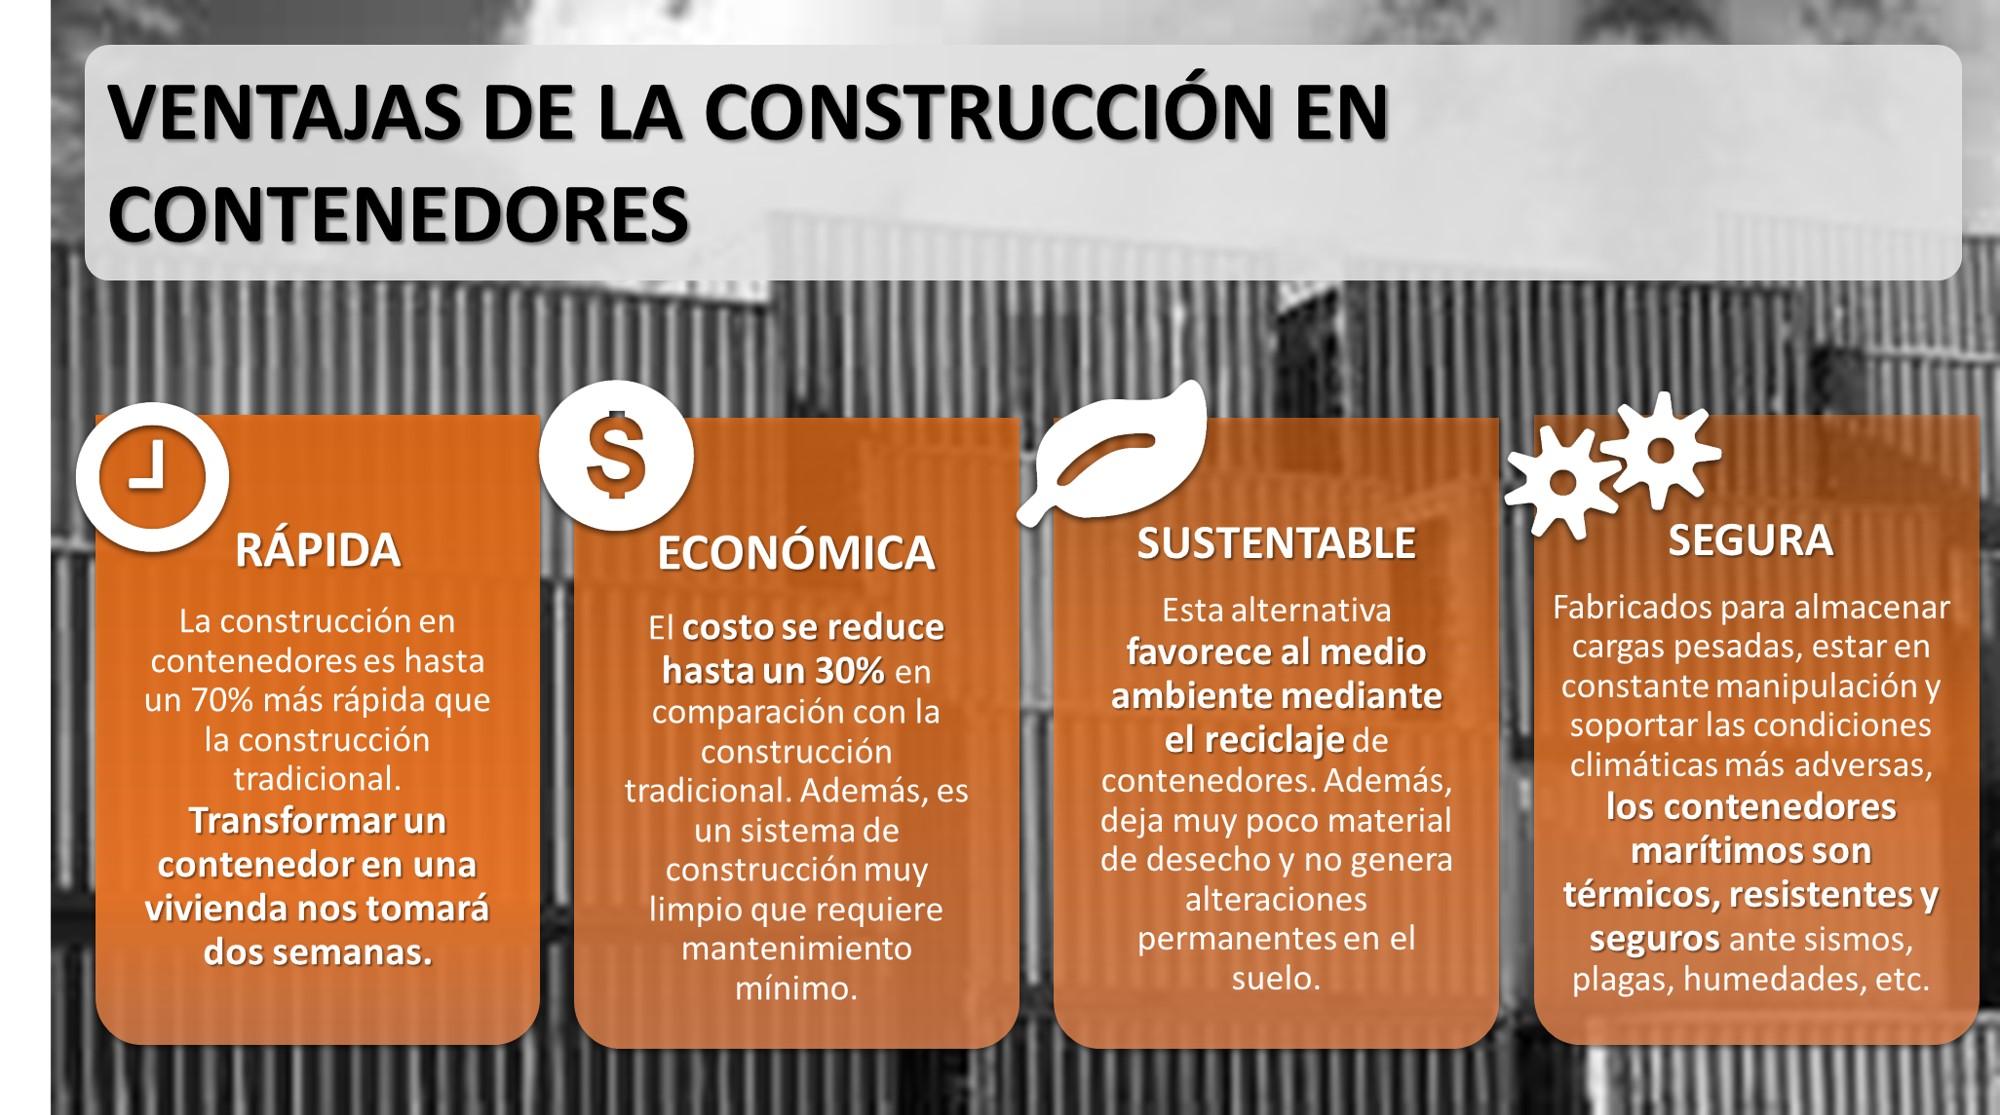 Donadora reconstruyamos morelos viviendas en - Transformar contenedor maritimo vivienda ...